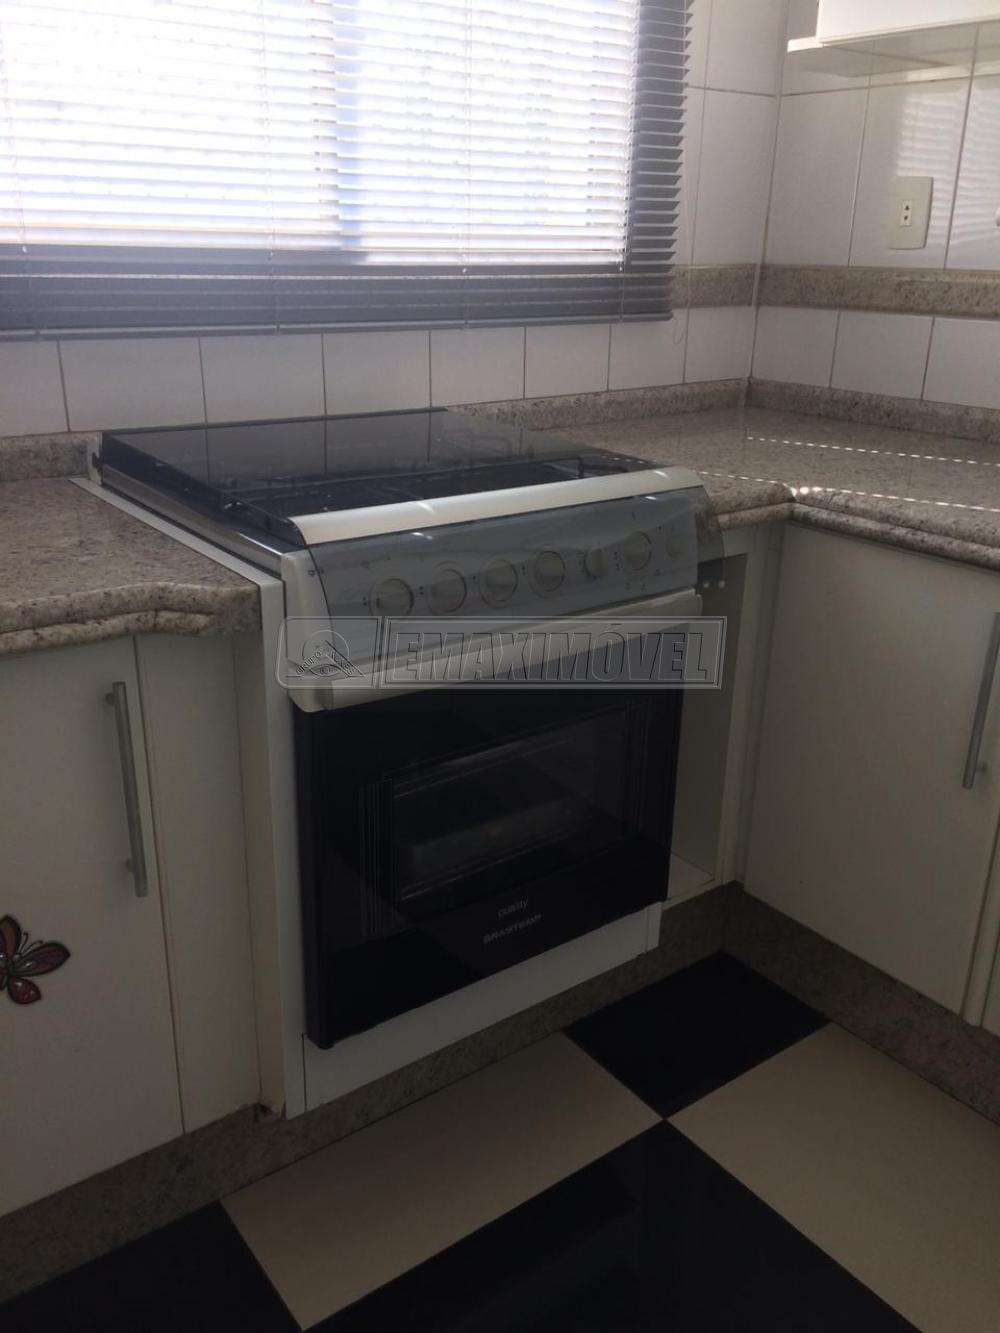 Alugar Apartamentos / Apto Padrão em Sorocaba apenas R$ 4.000,00 - Foto 9